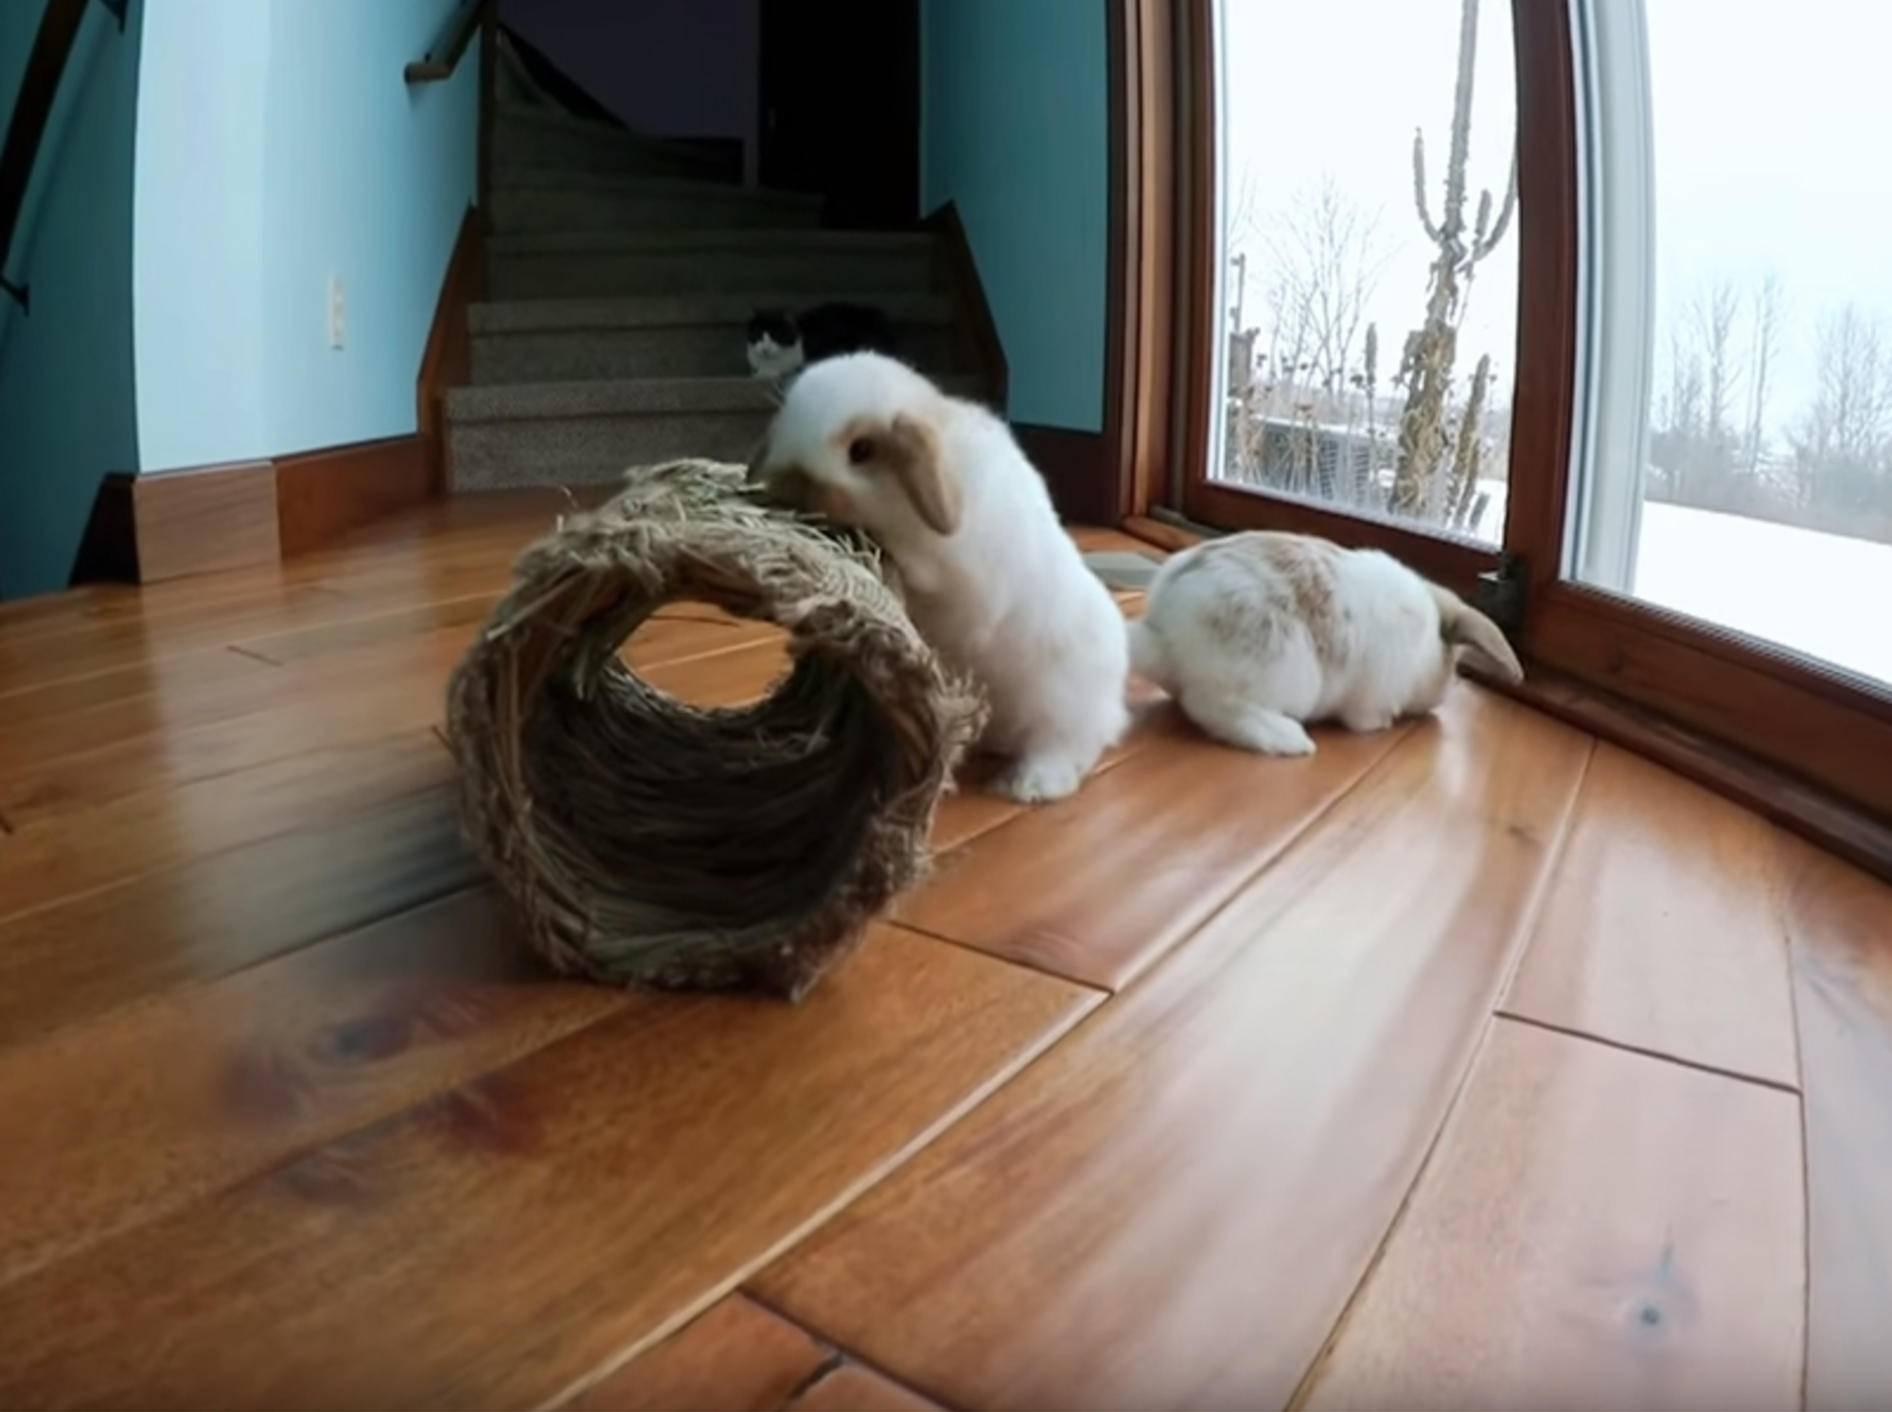 Zwei niedliche Kaninchengeschwister hoppeln und spielen – YouTube / Hook's Hollands - Ohio Holland Lops